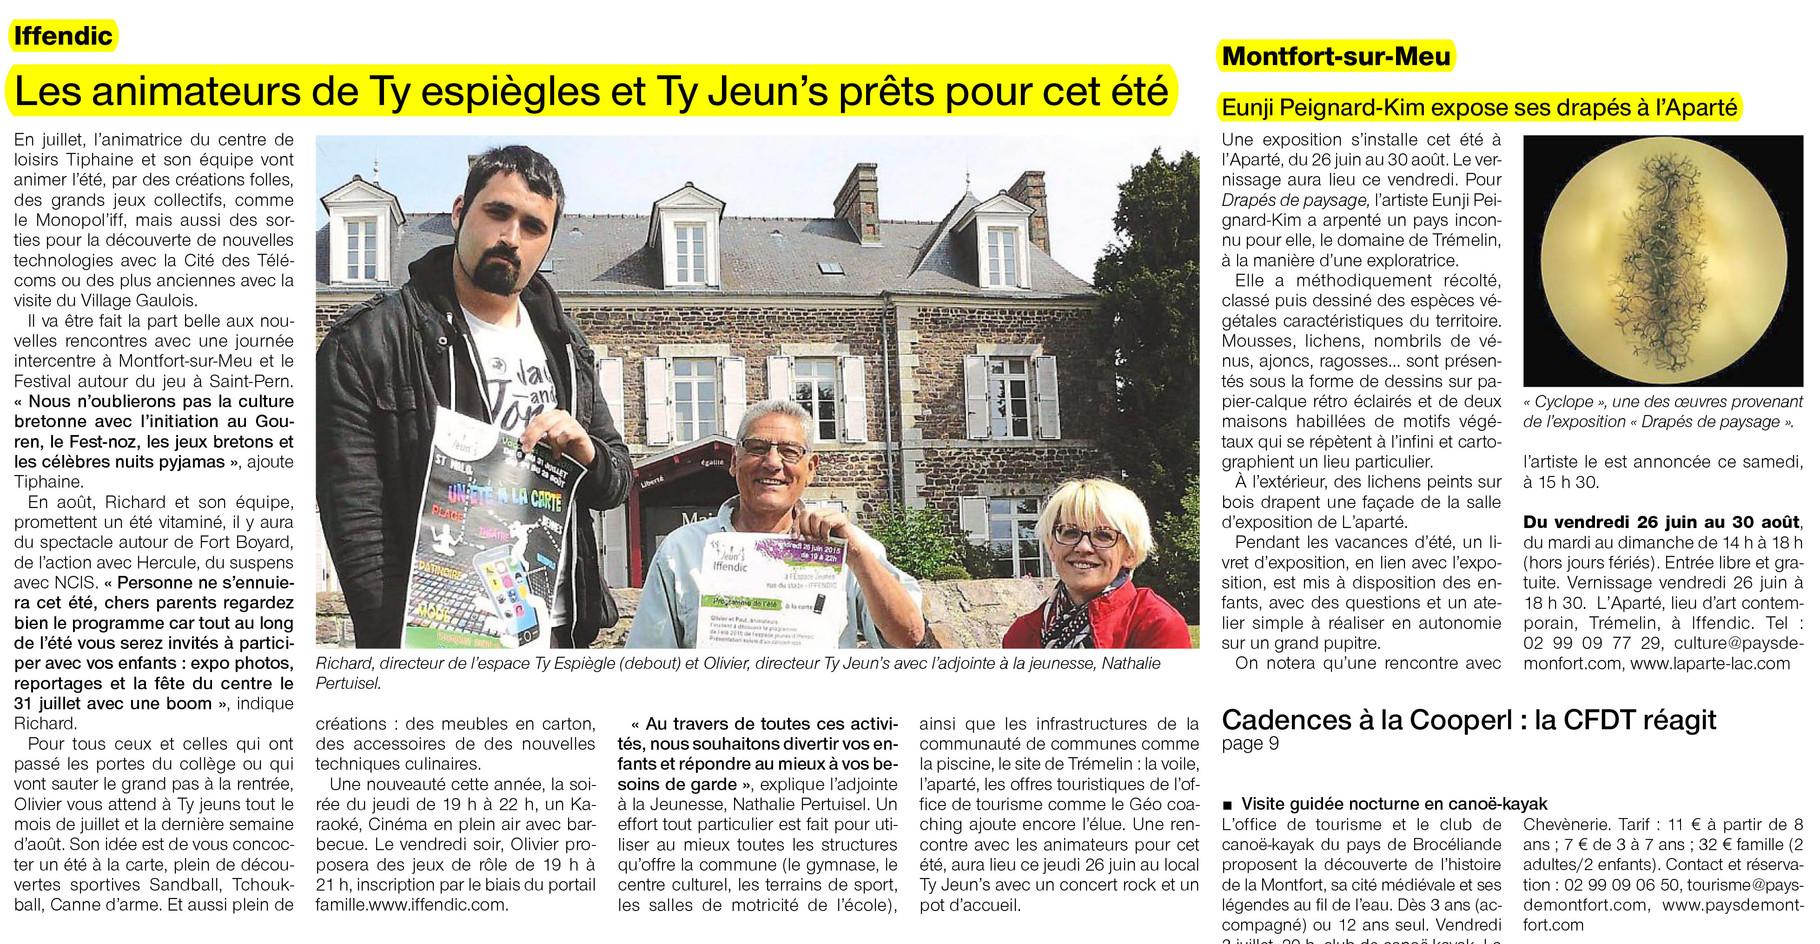 Ouest-France - 26 juin 2015